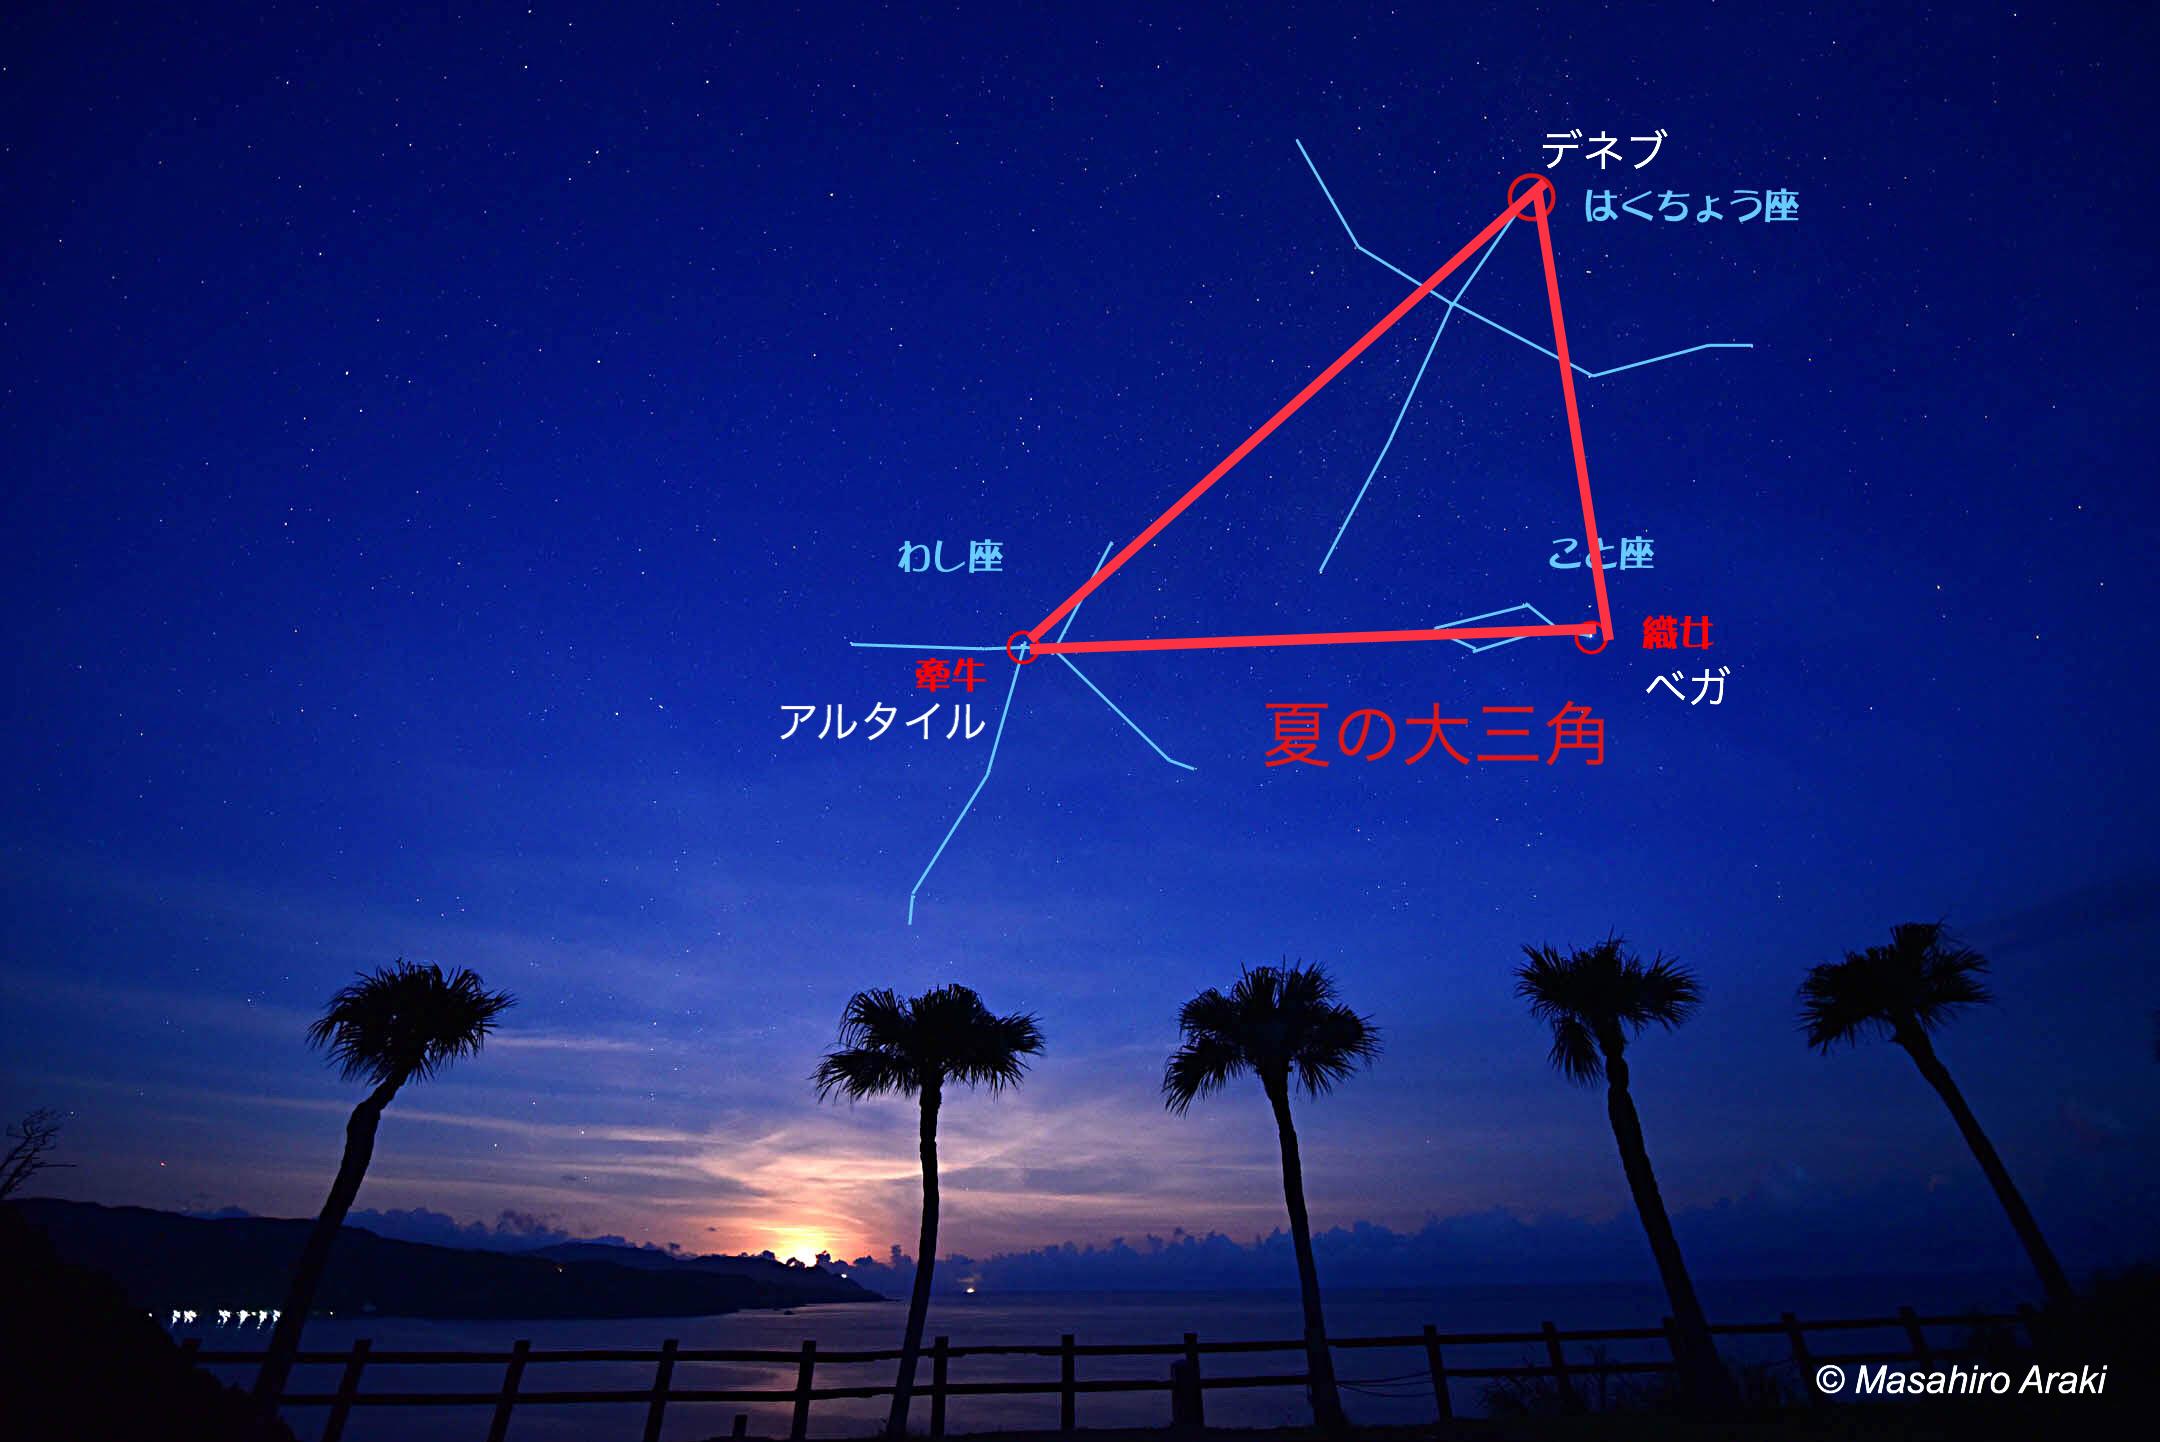 大浜海浜公園のサンセットポイントから見える夏の第三角差し替え_P002_2